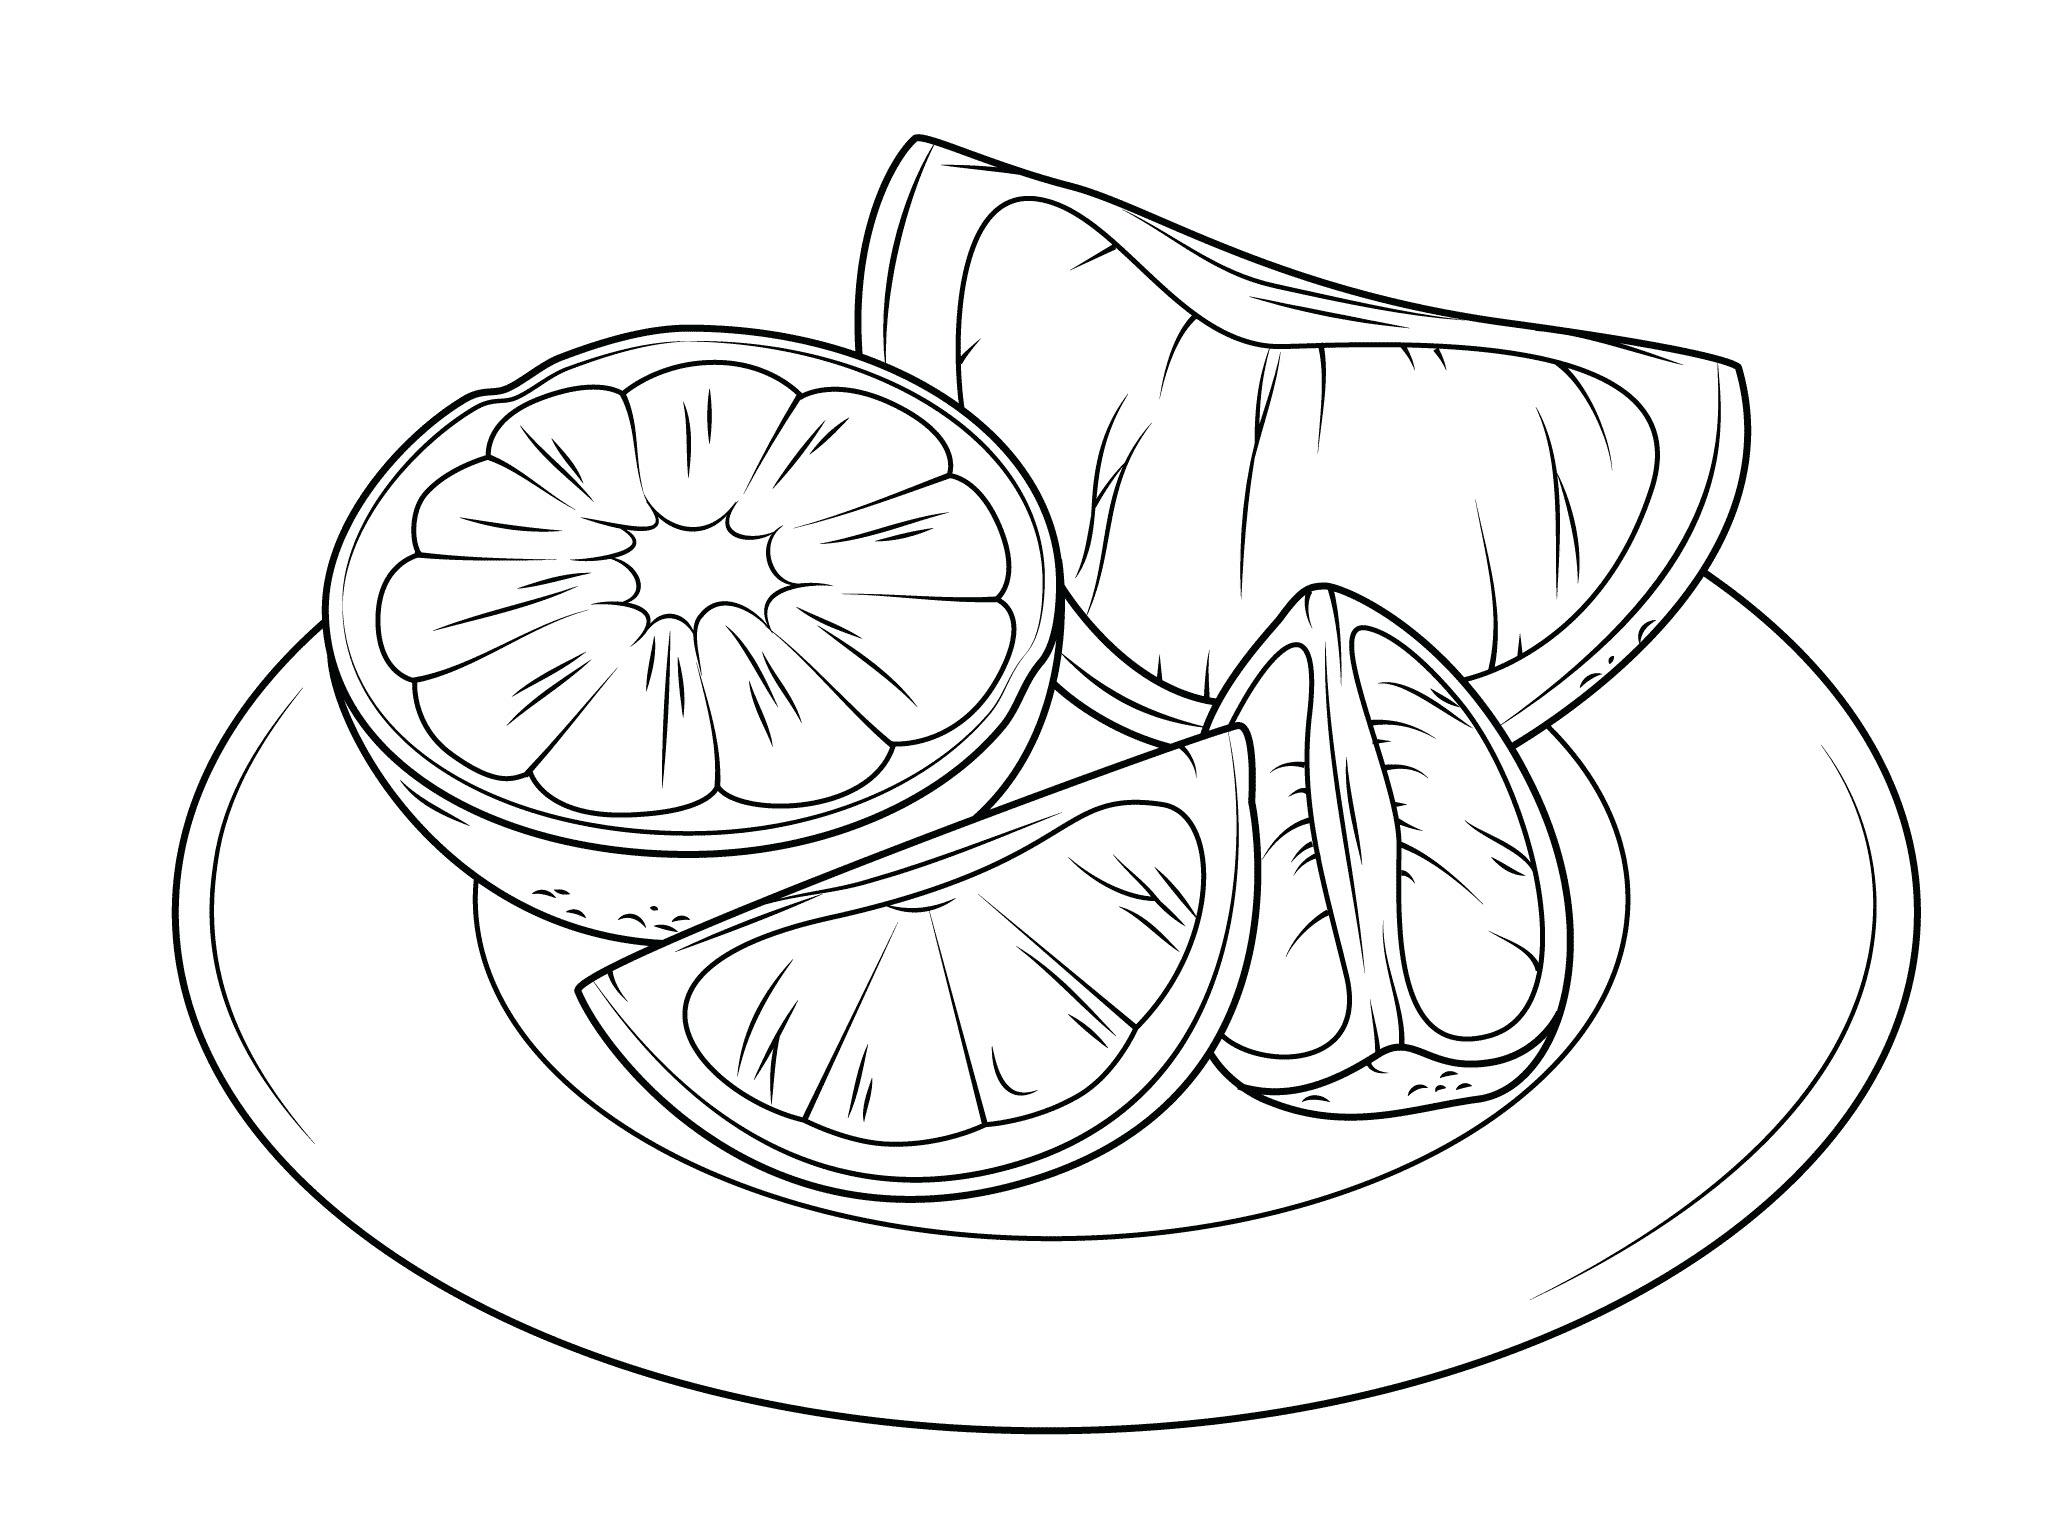 Tranh tô màu đĩa cam đẹp